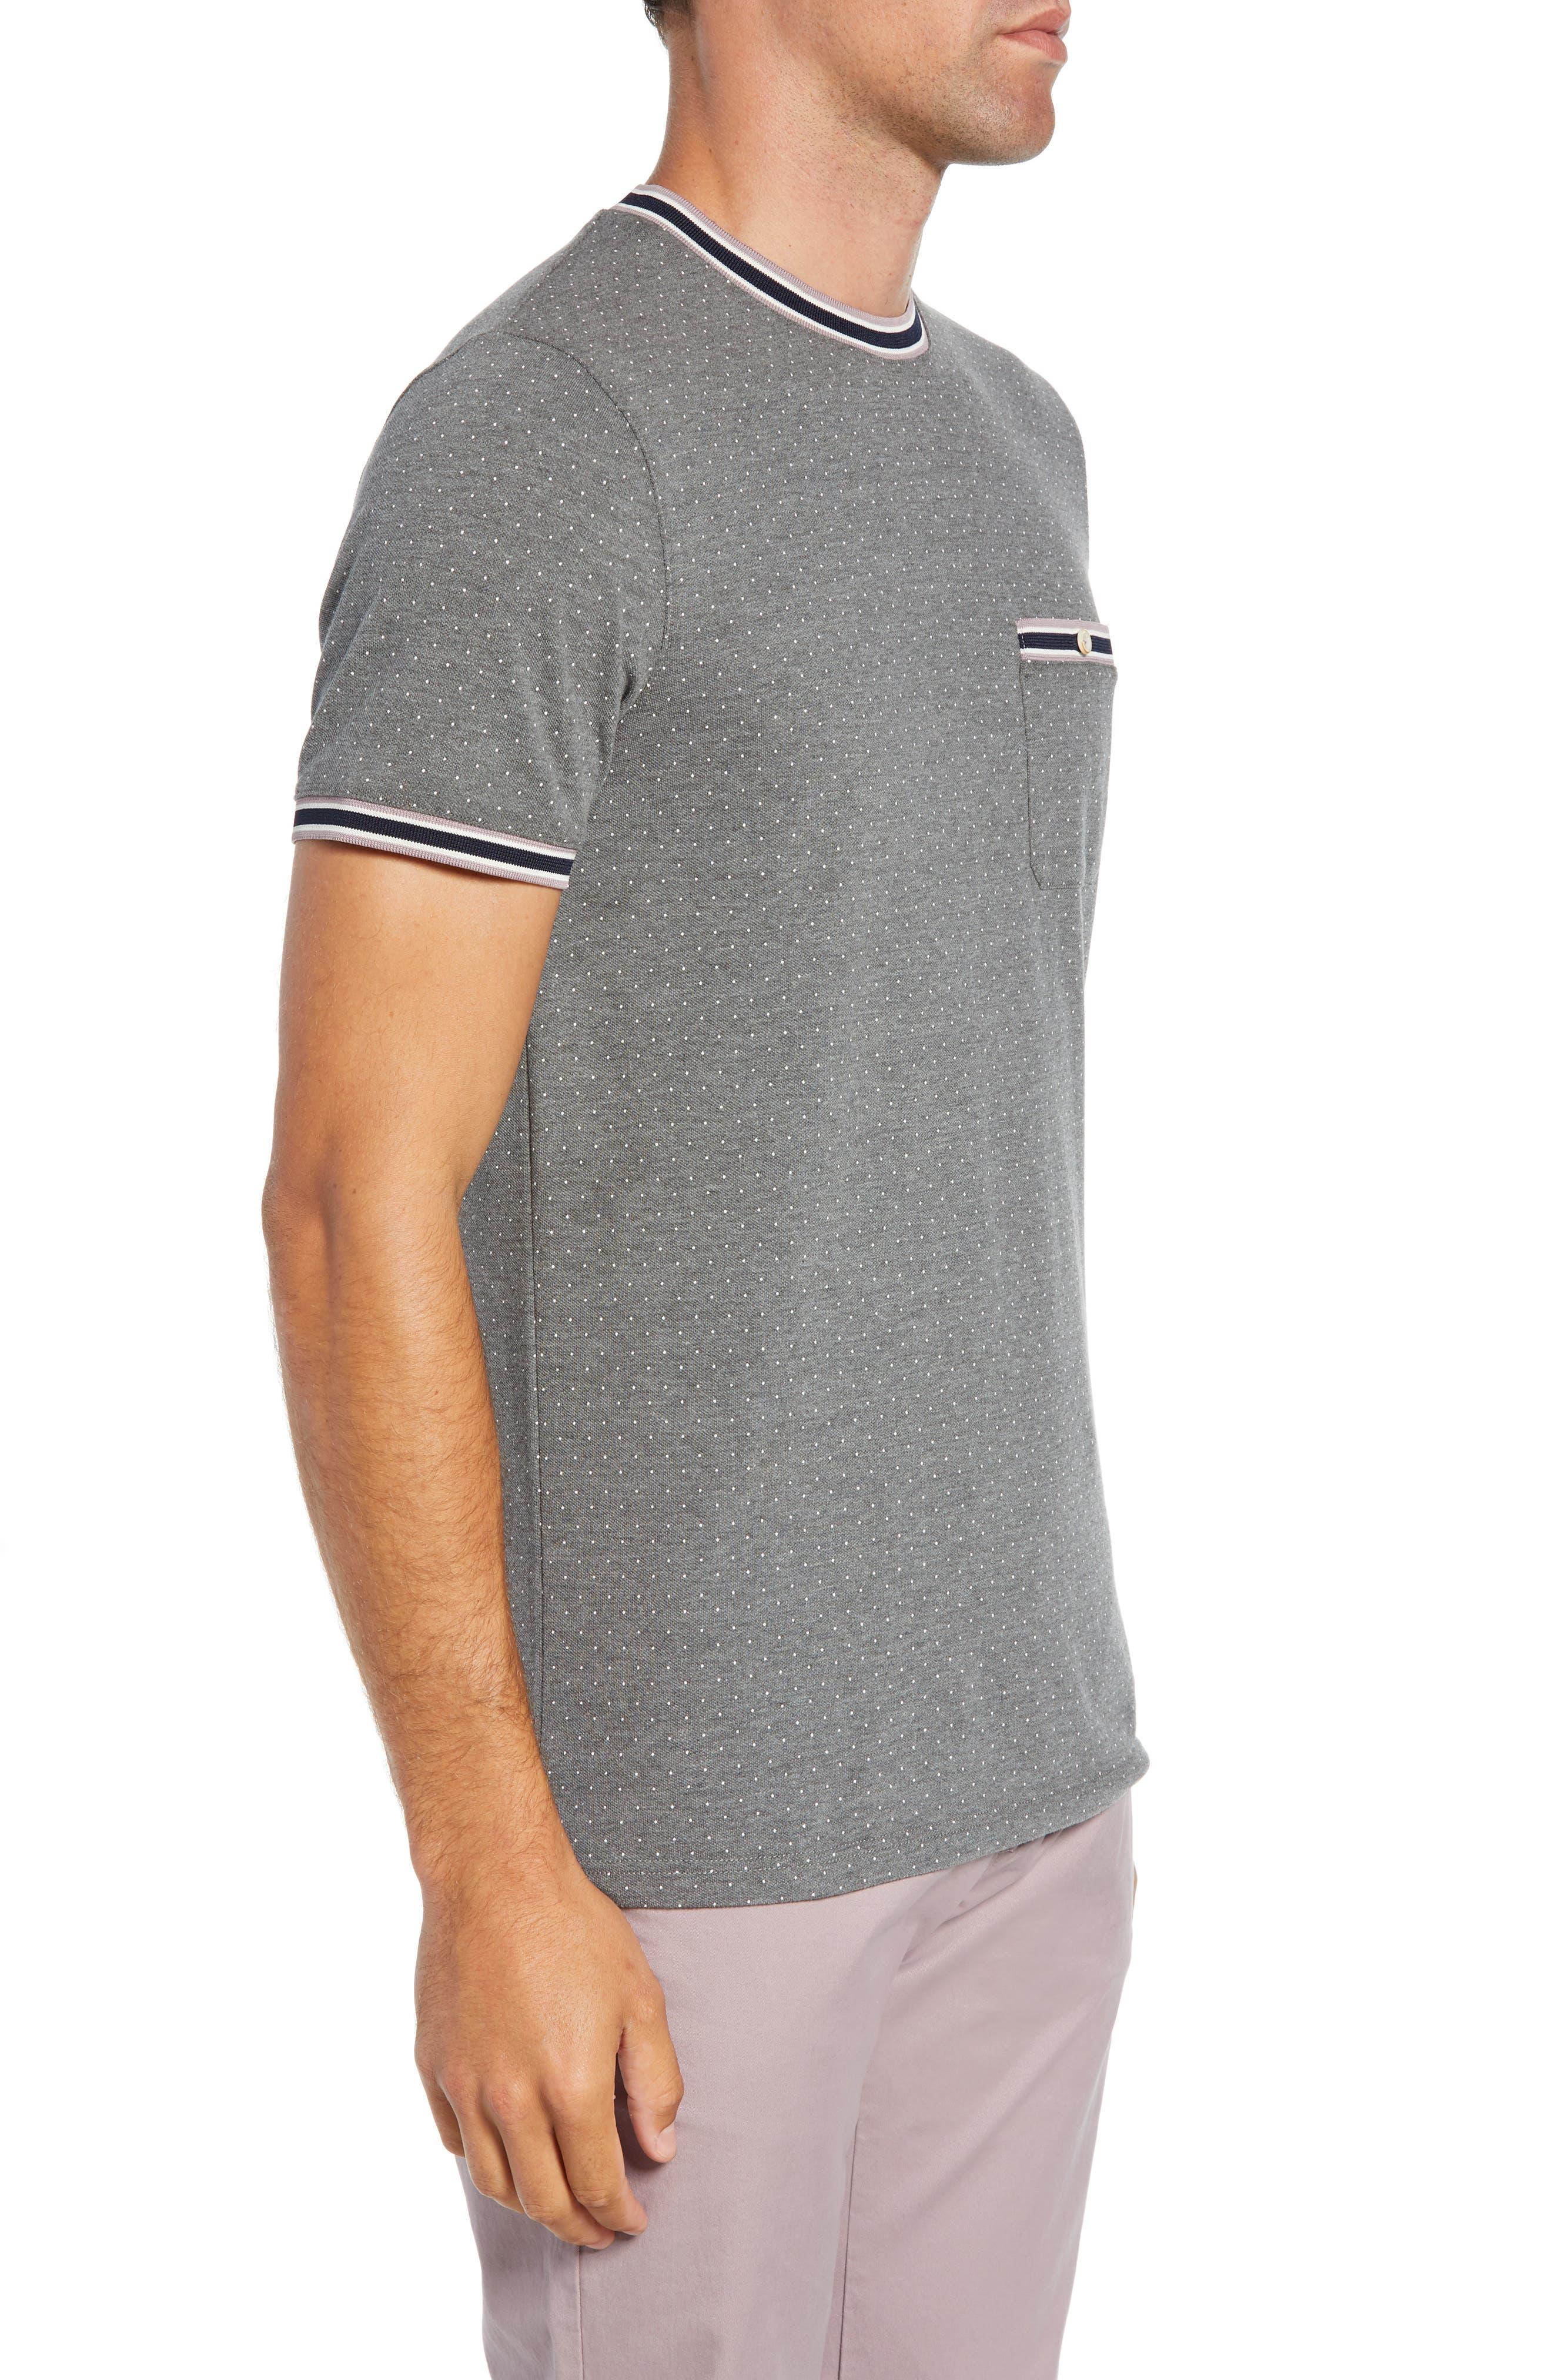 Glaad Trim Fit Mini Spot T-Shirt,                             Alternate thumbnail 3, color,                             GREY MARL